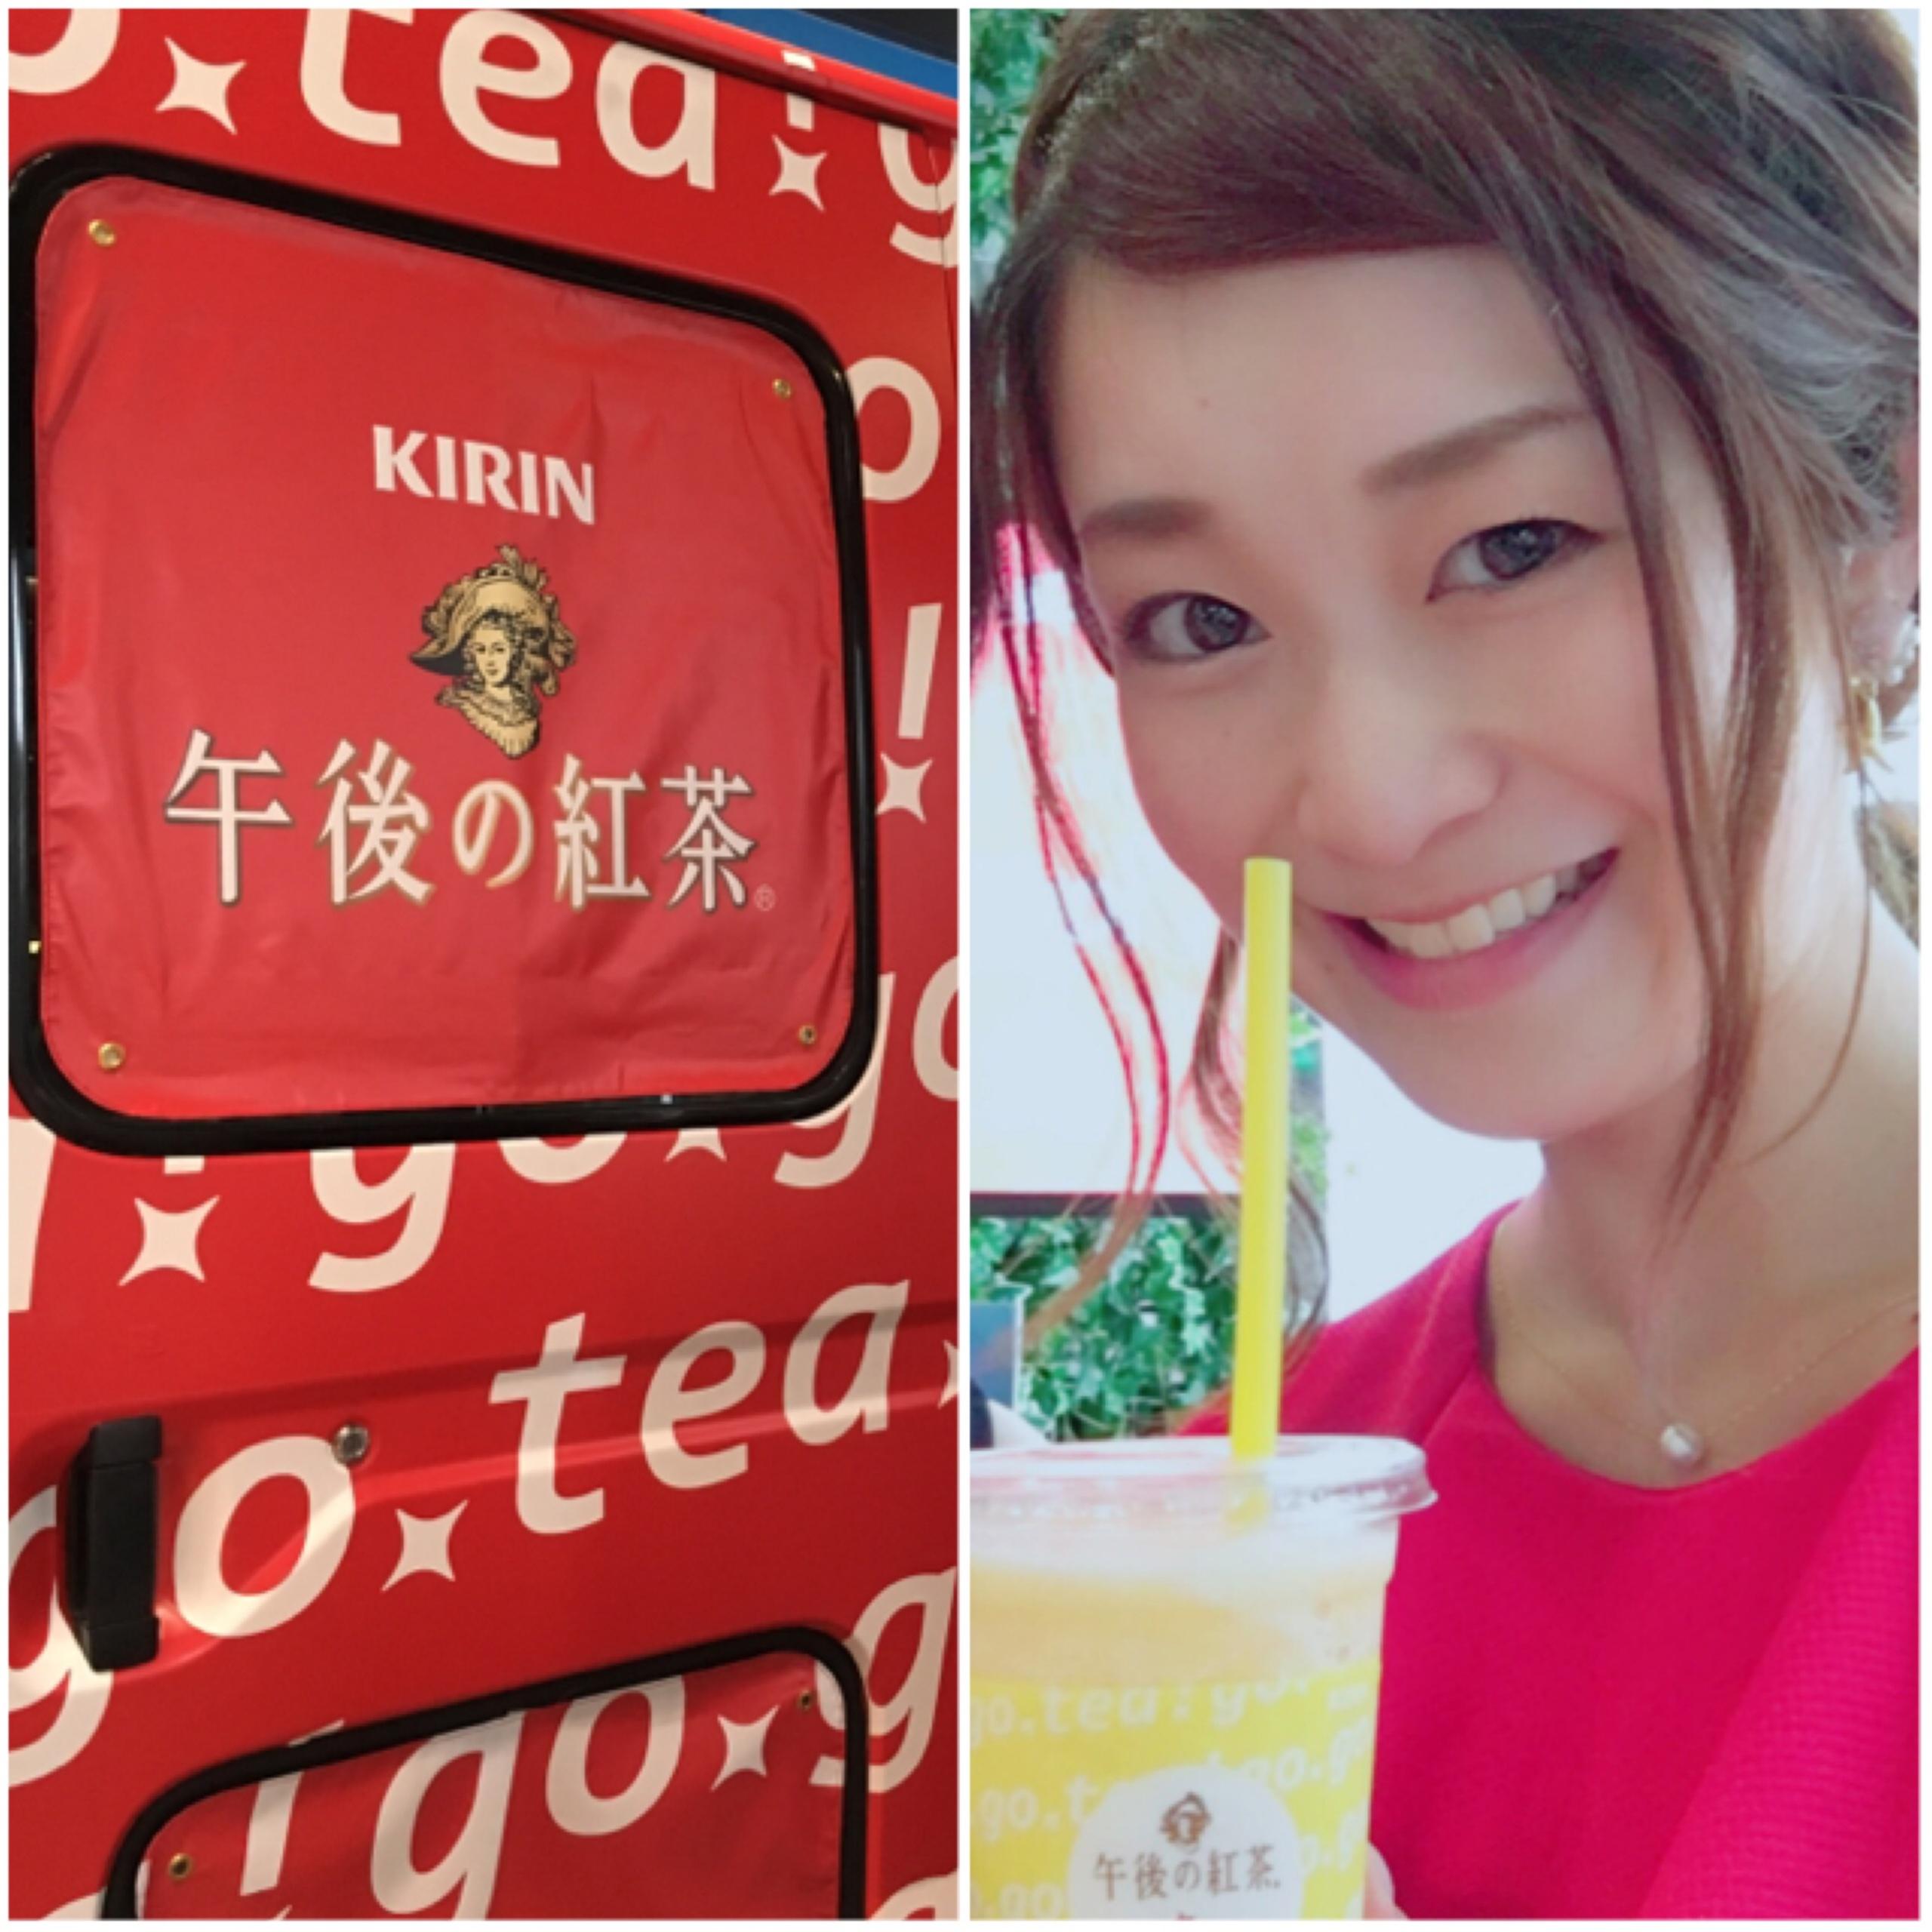 《全国順次展開!》紅茶とフルーツの良いとこ取りスムージー❤️【日本初上陸ハワイのスムージーショップ】と【午後ティー】が夢のコラボ✨_3